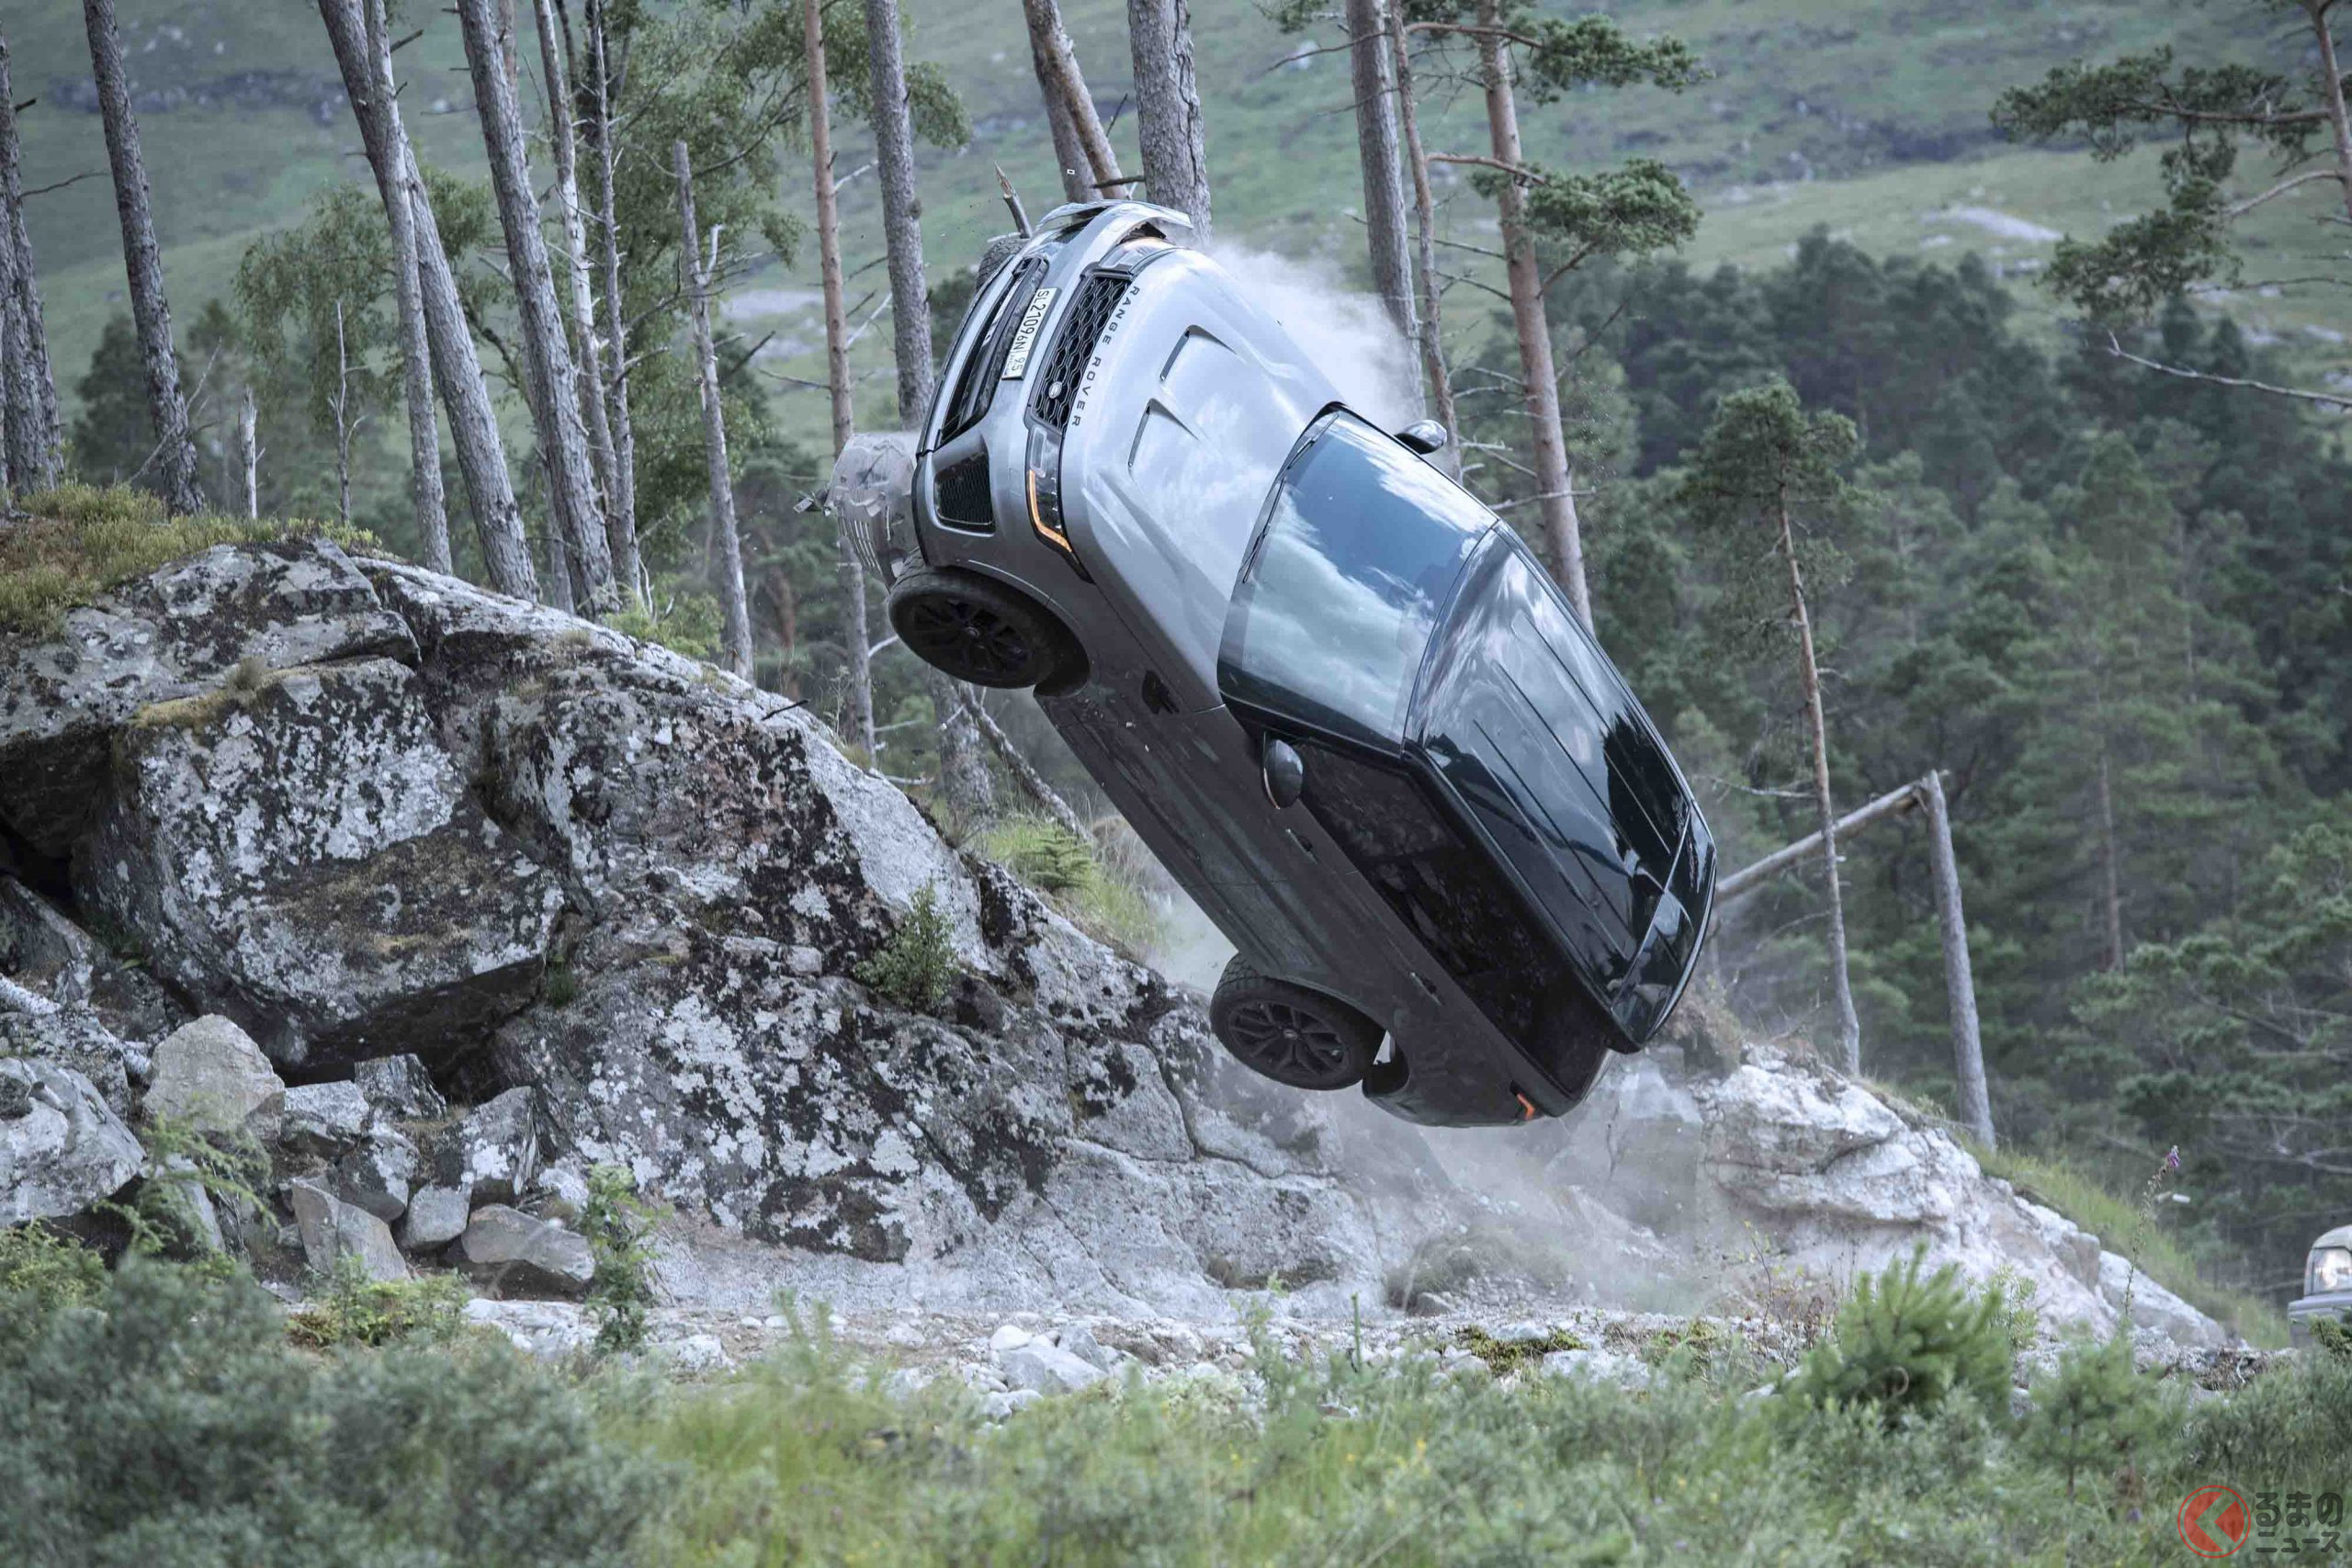 『007/ノー・タイム・トゥ・ダイ』のカーチェイスで宙を舞うレンジローバー・スポーツSVR